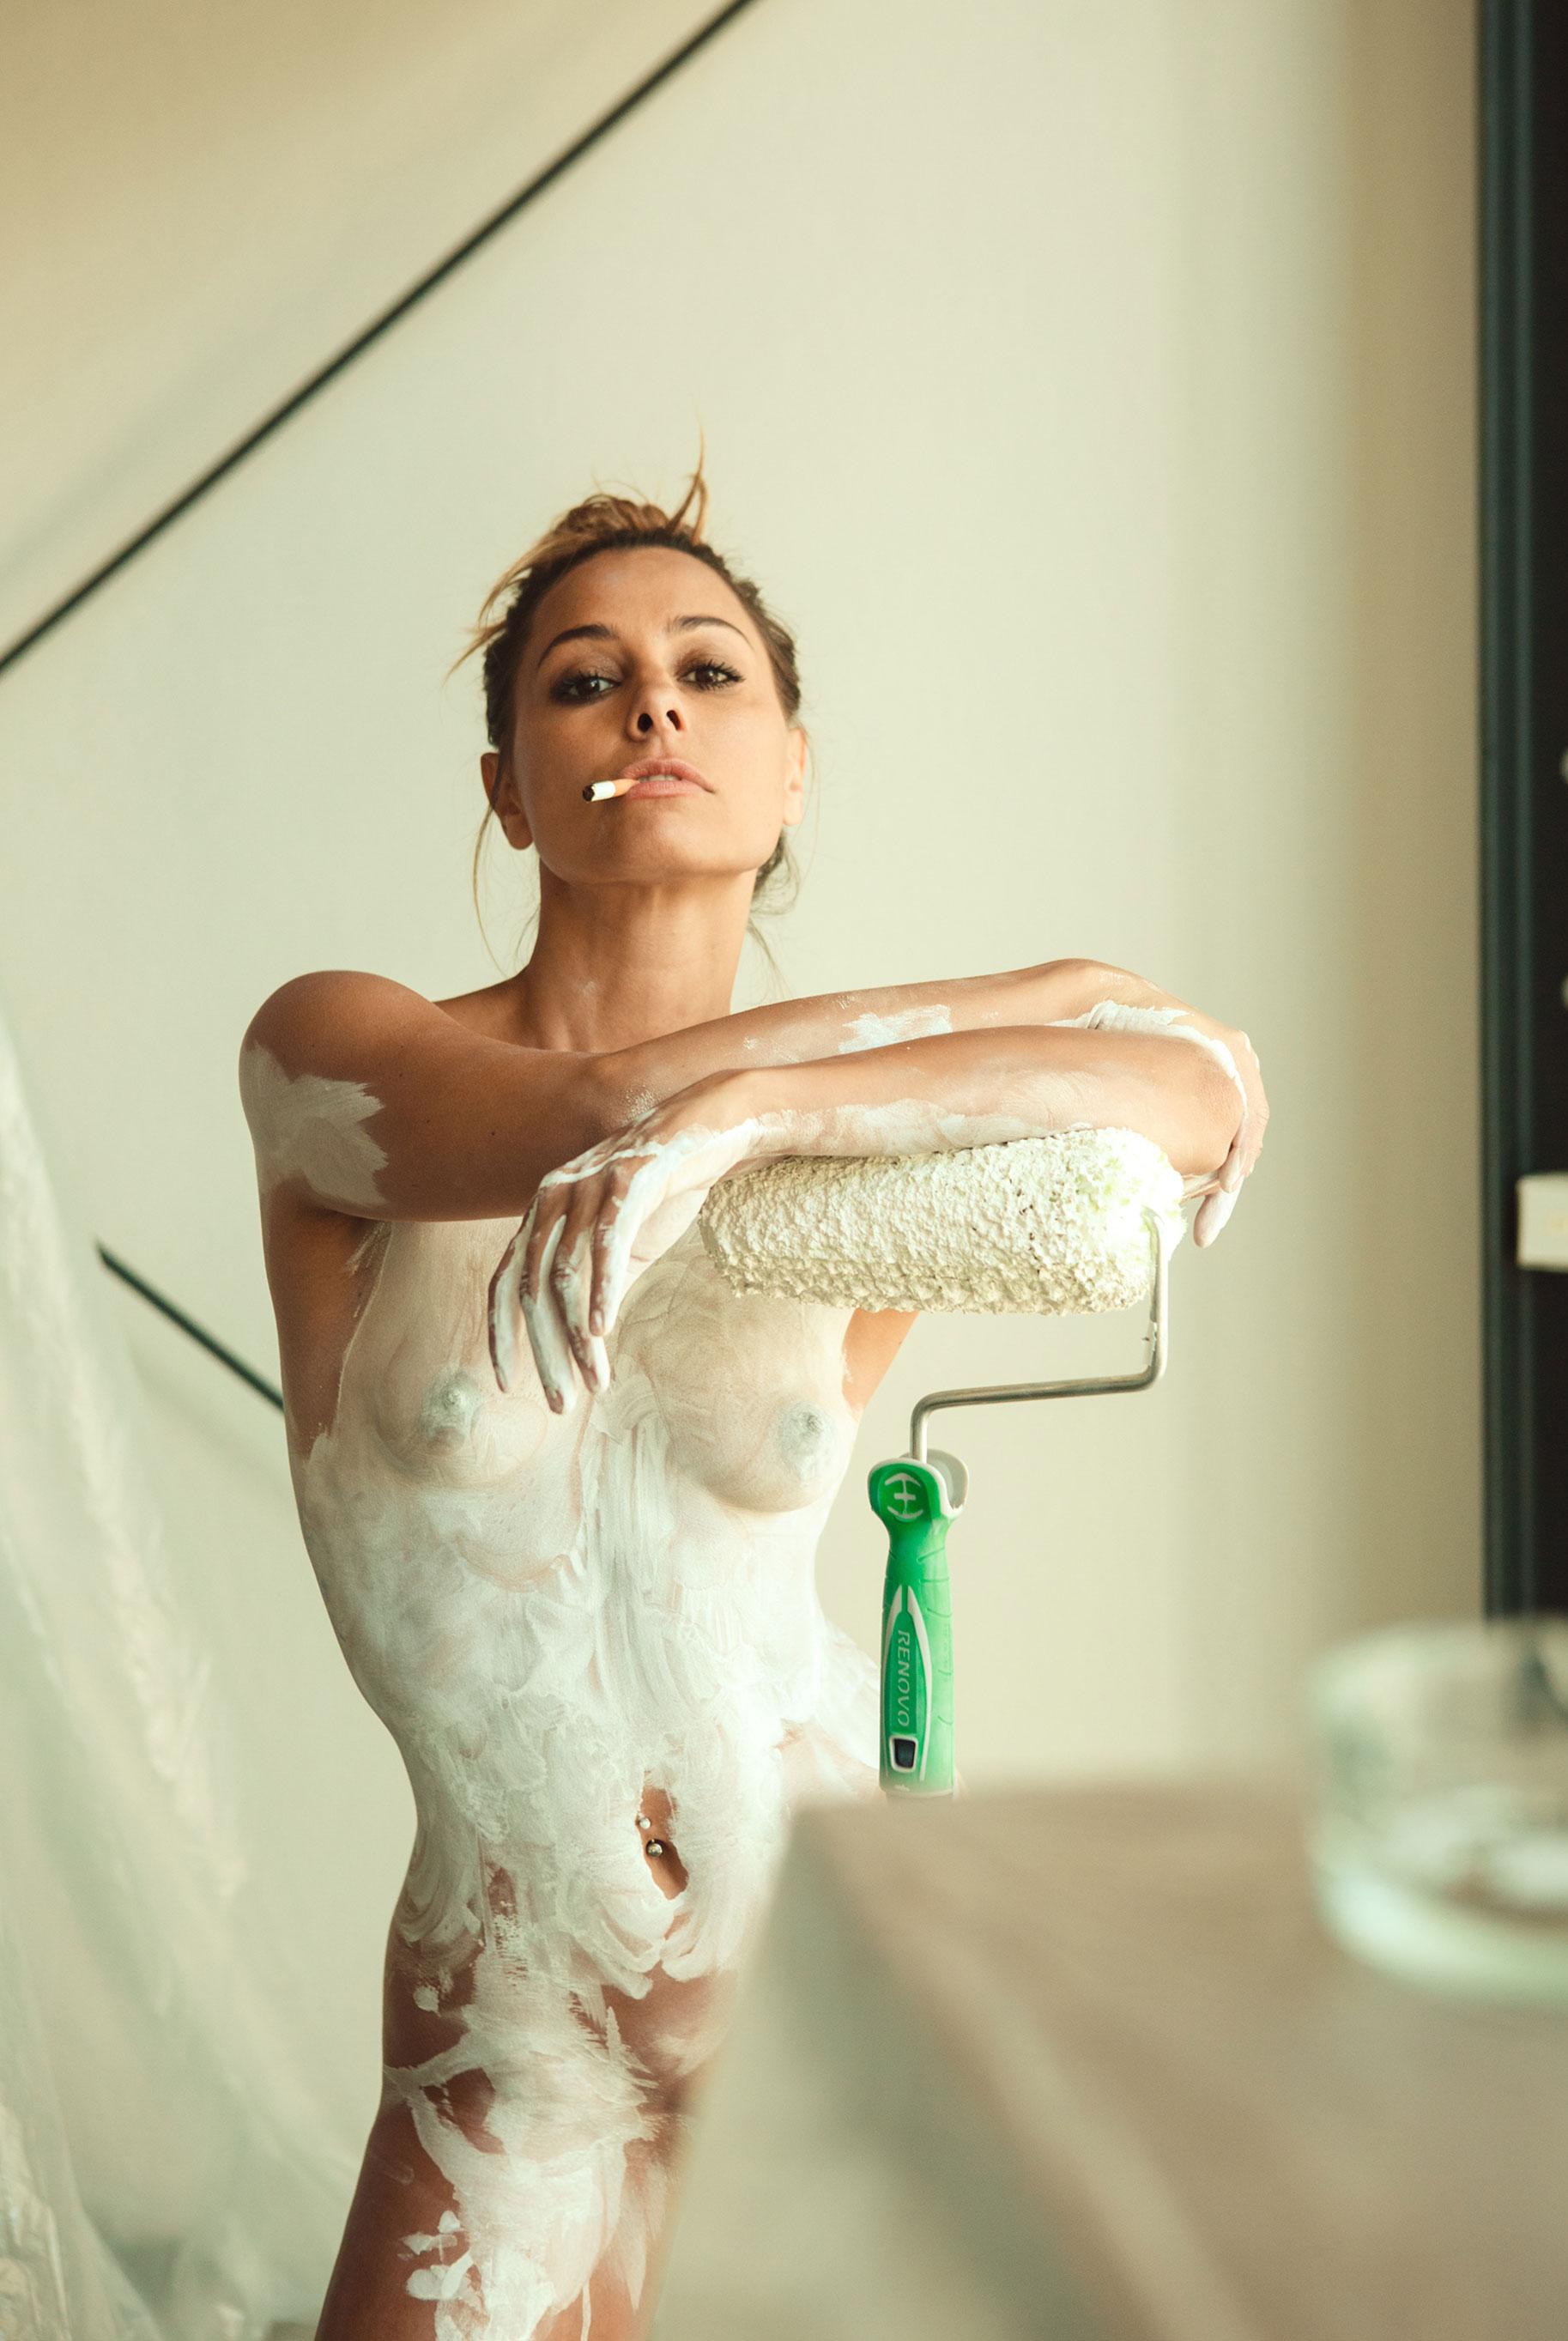 Анетта и Бьянка ракрашивают стены и свои тела белой краской / фото 18